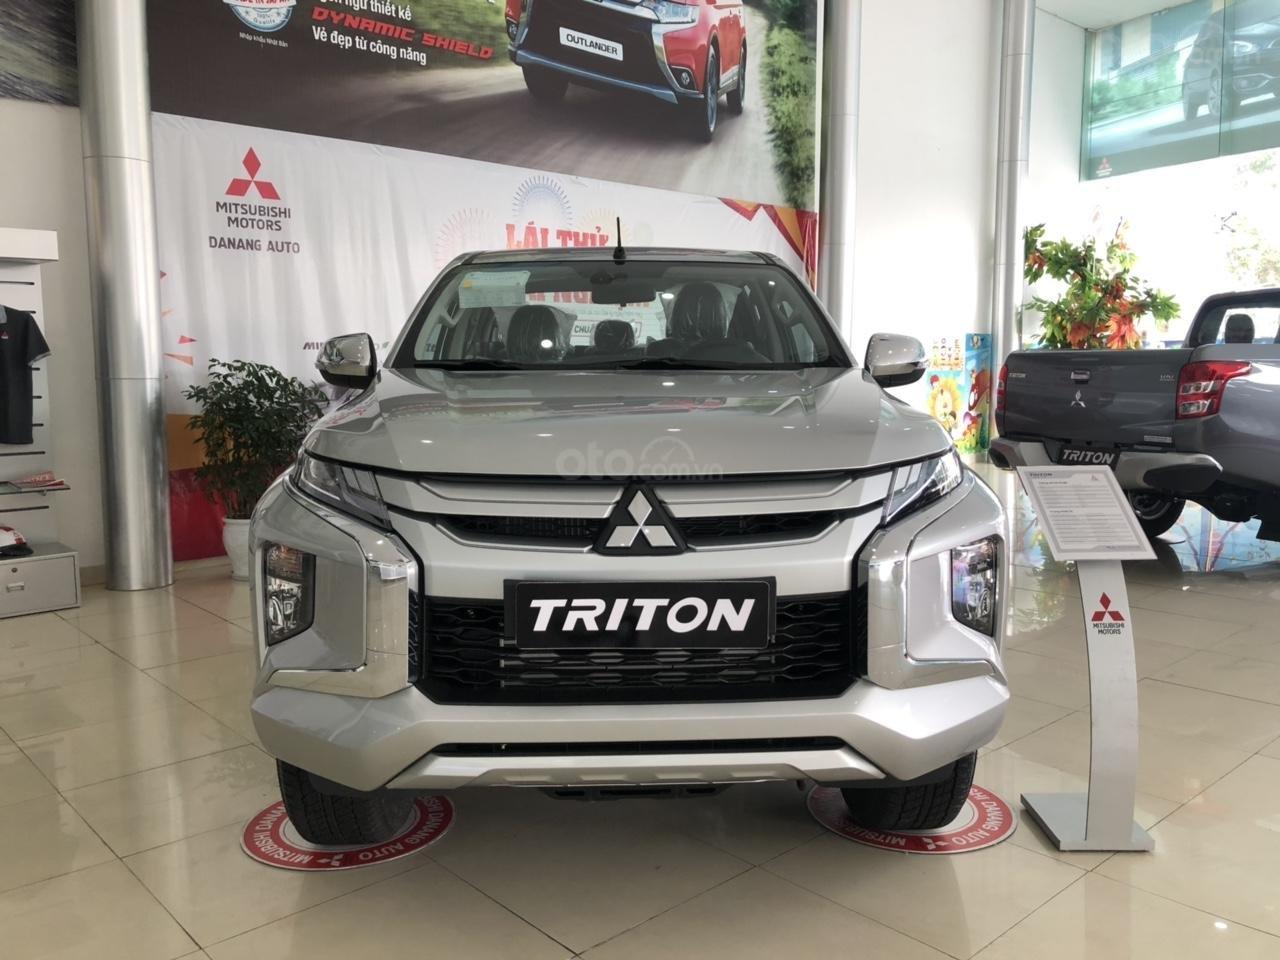 [Siêu hot] Mitsubishi Triton 2019, màu bạc, nhập khẩu Thái, đẳng cấp phân khúc, cho vay 80%. LH: 0905.91.01.99 (2)